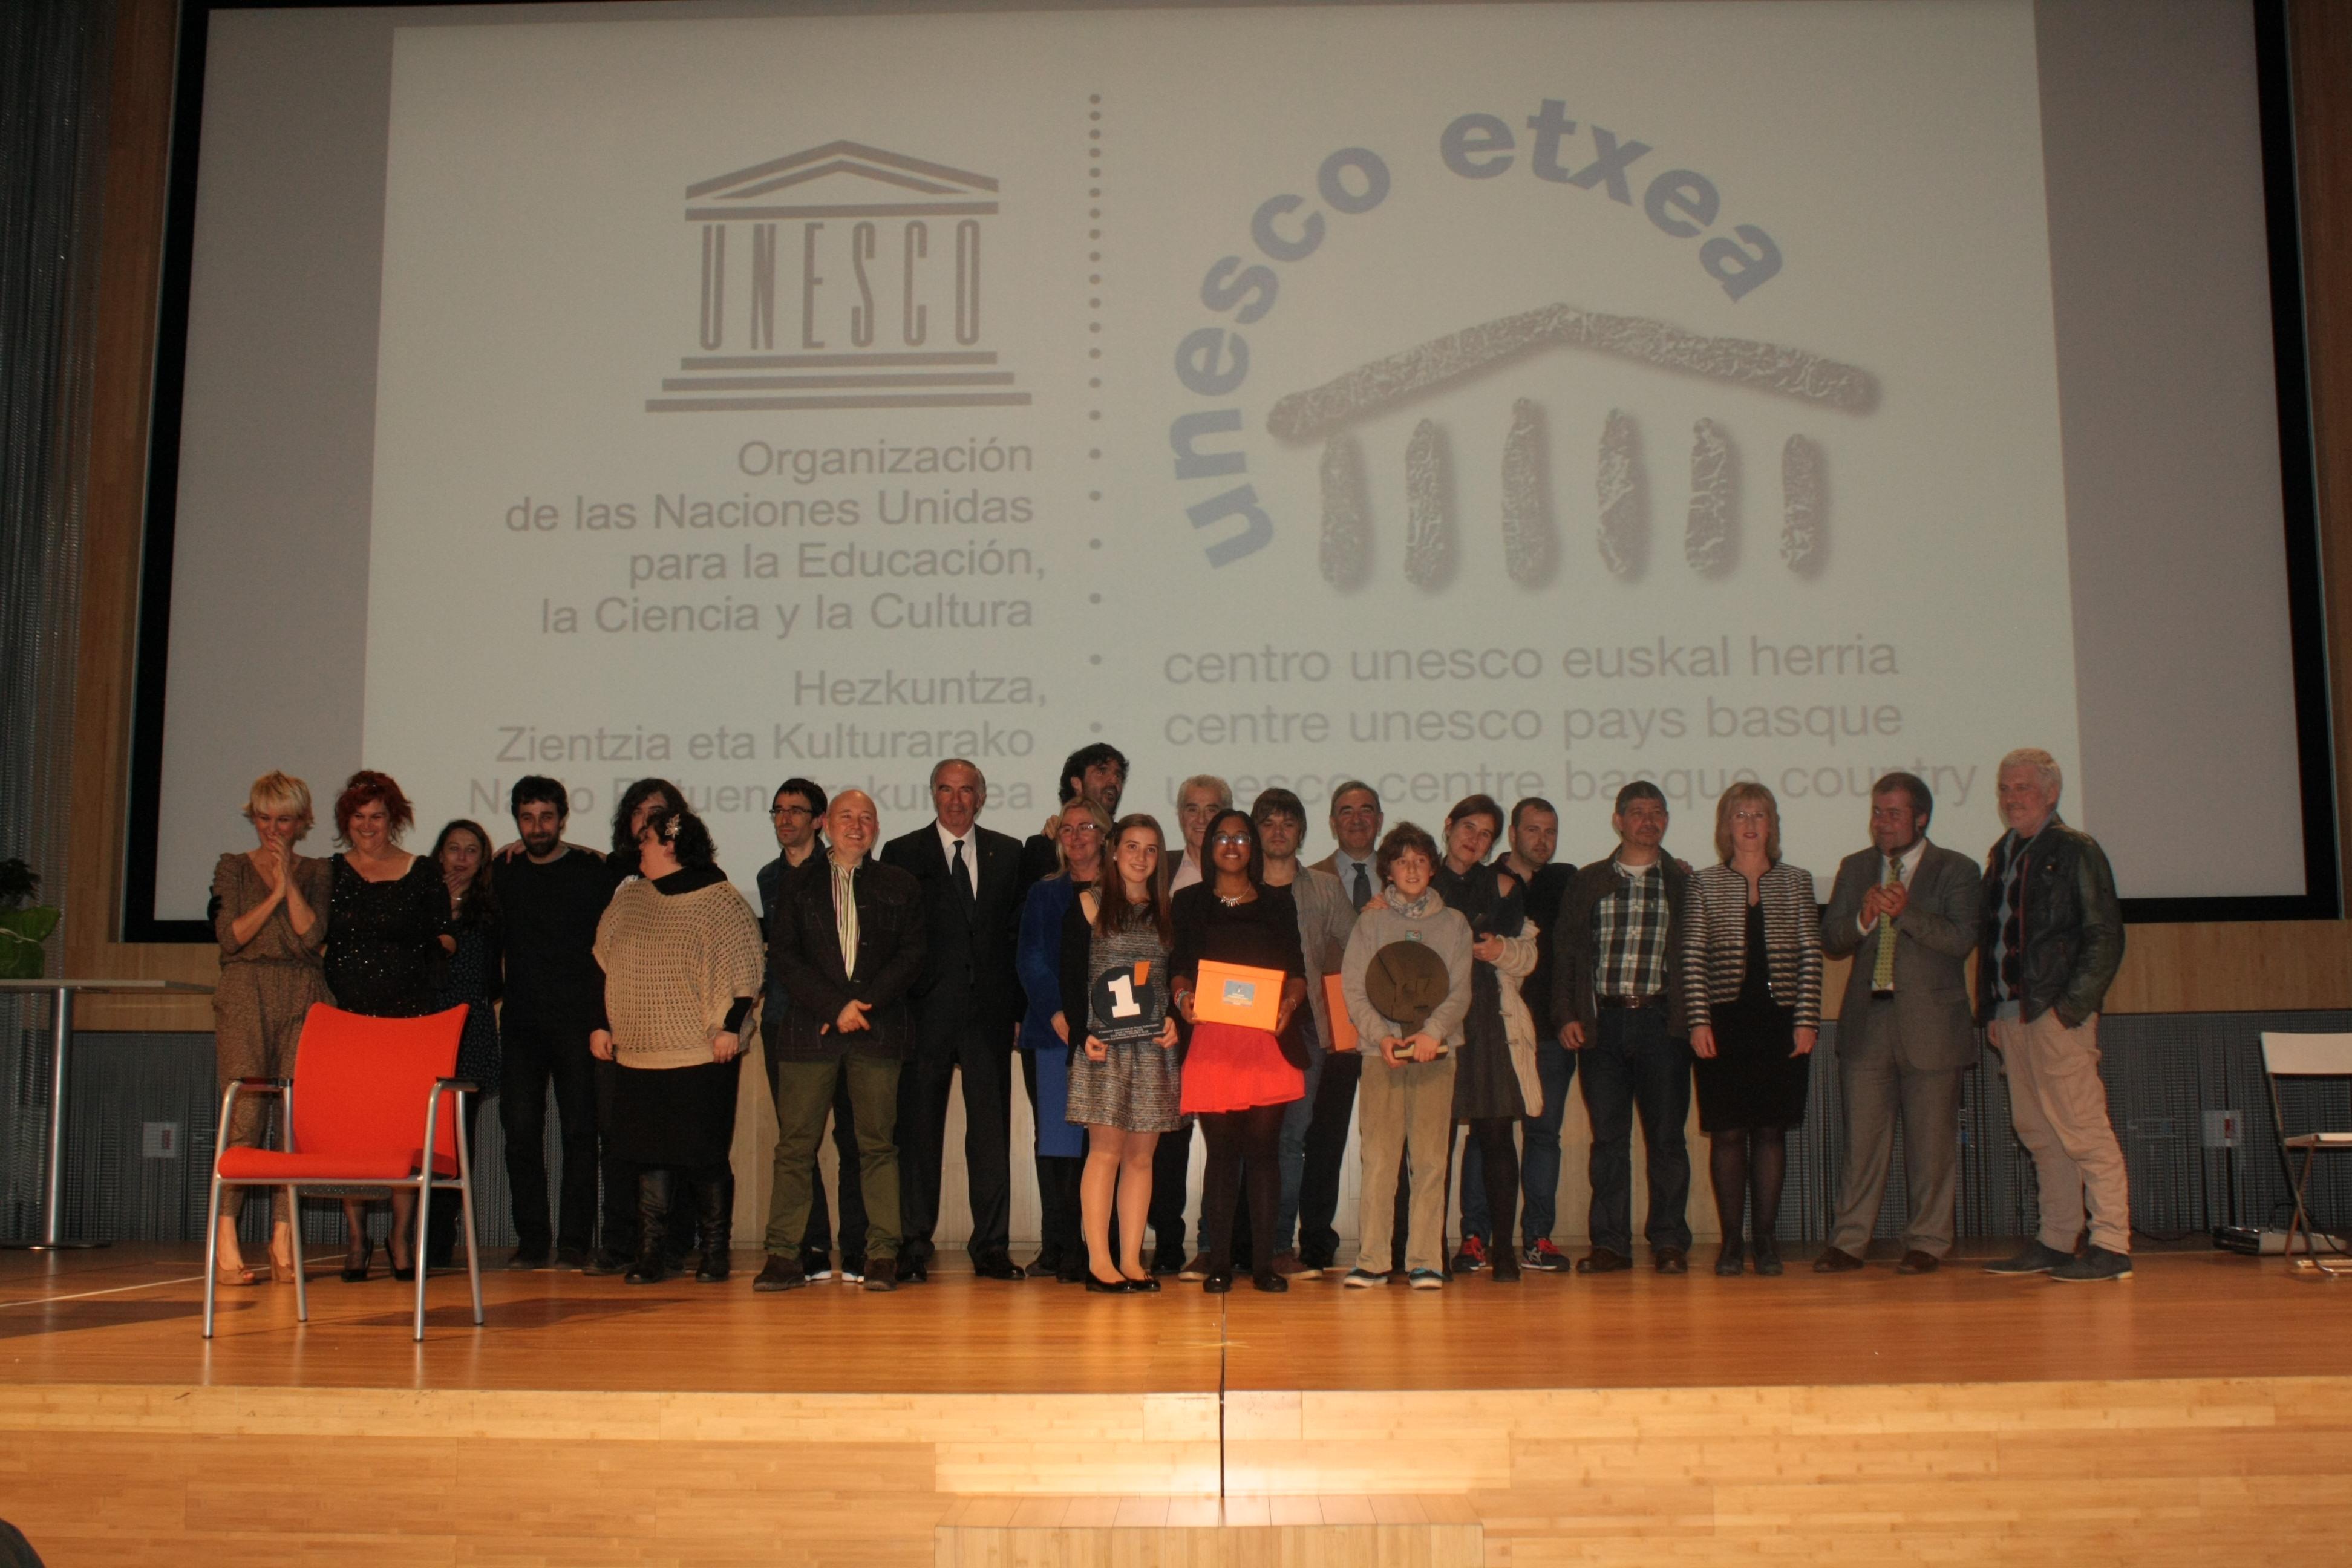 UNESCO ETXEA 2014